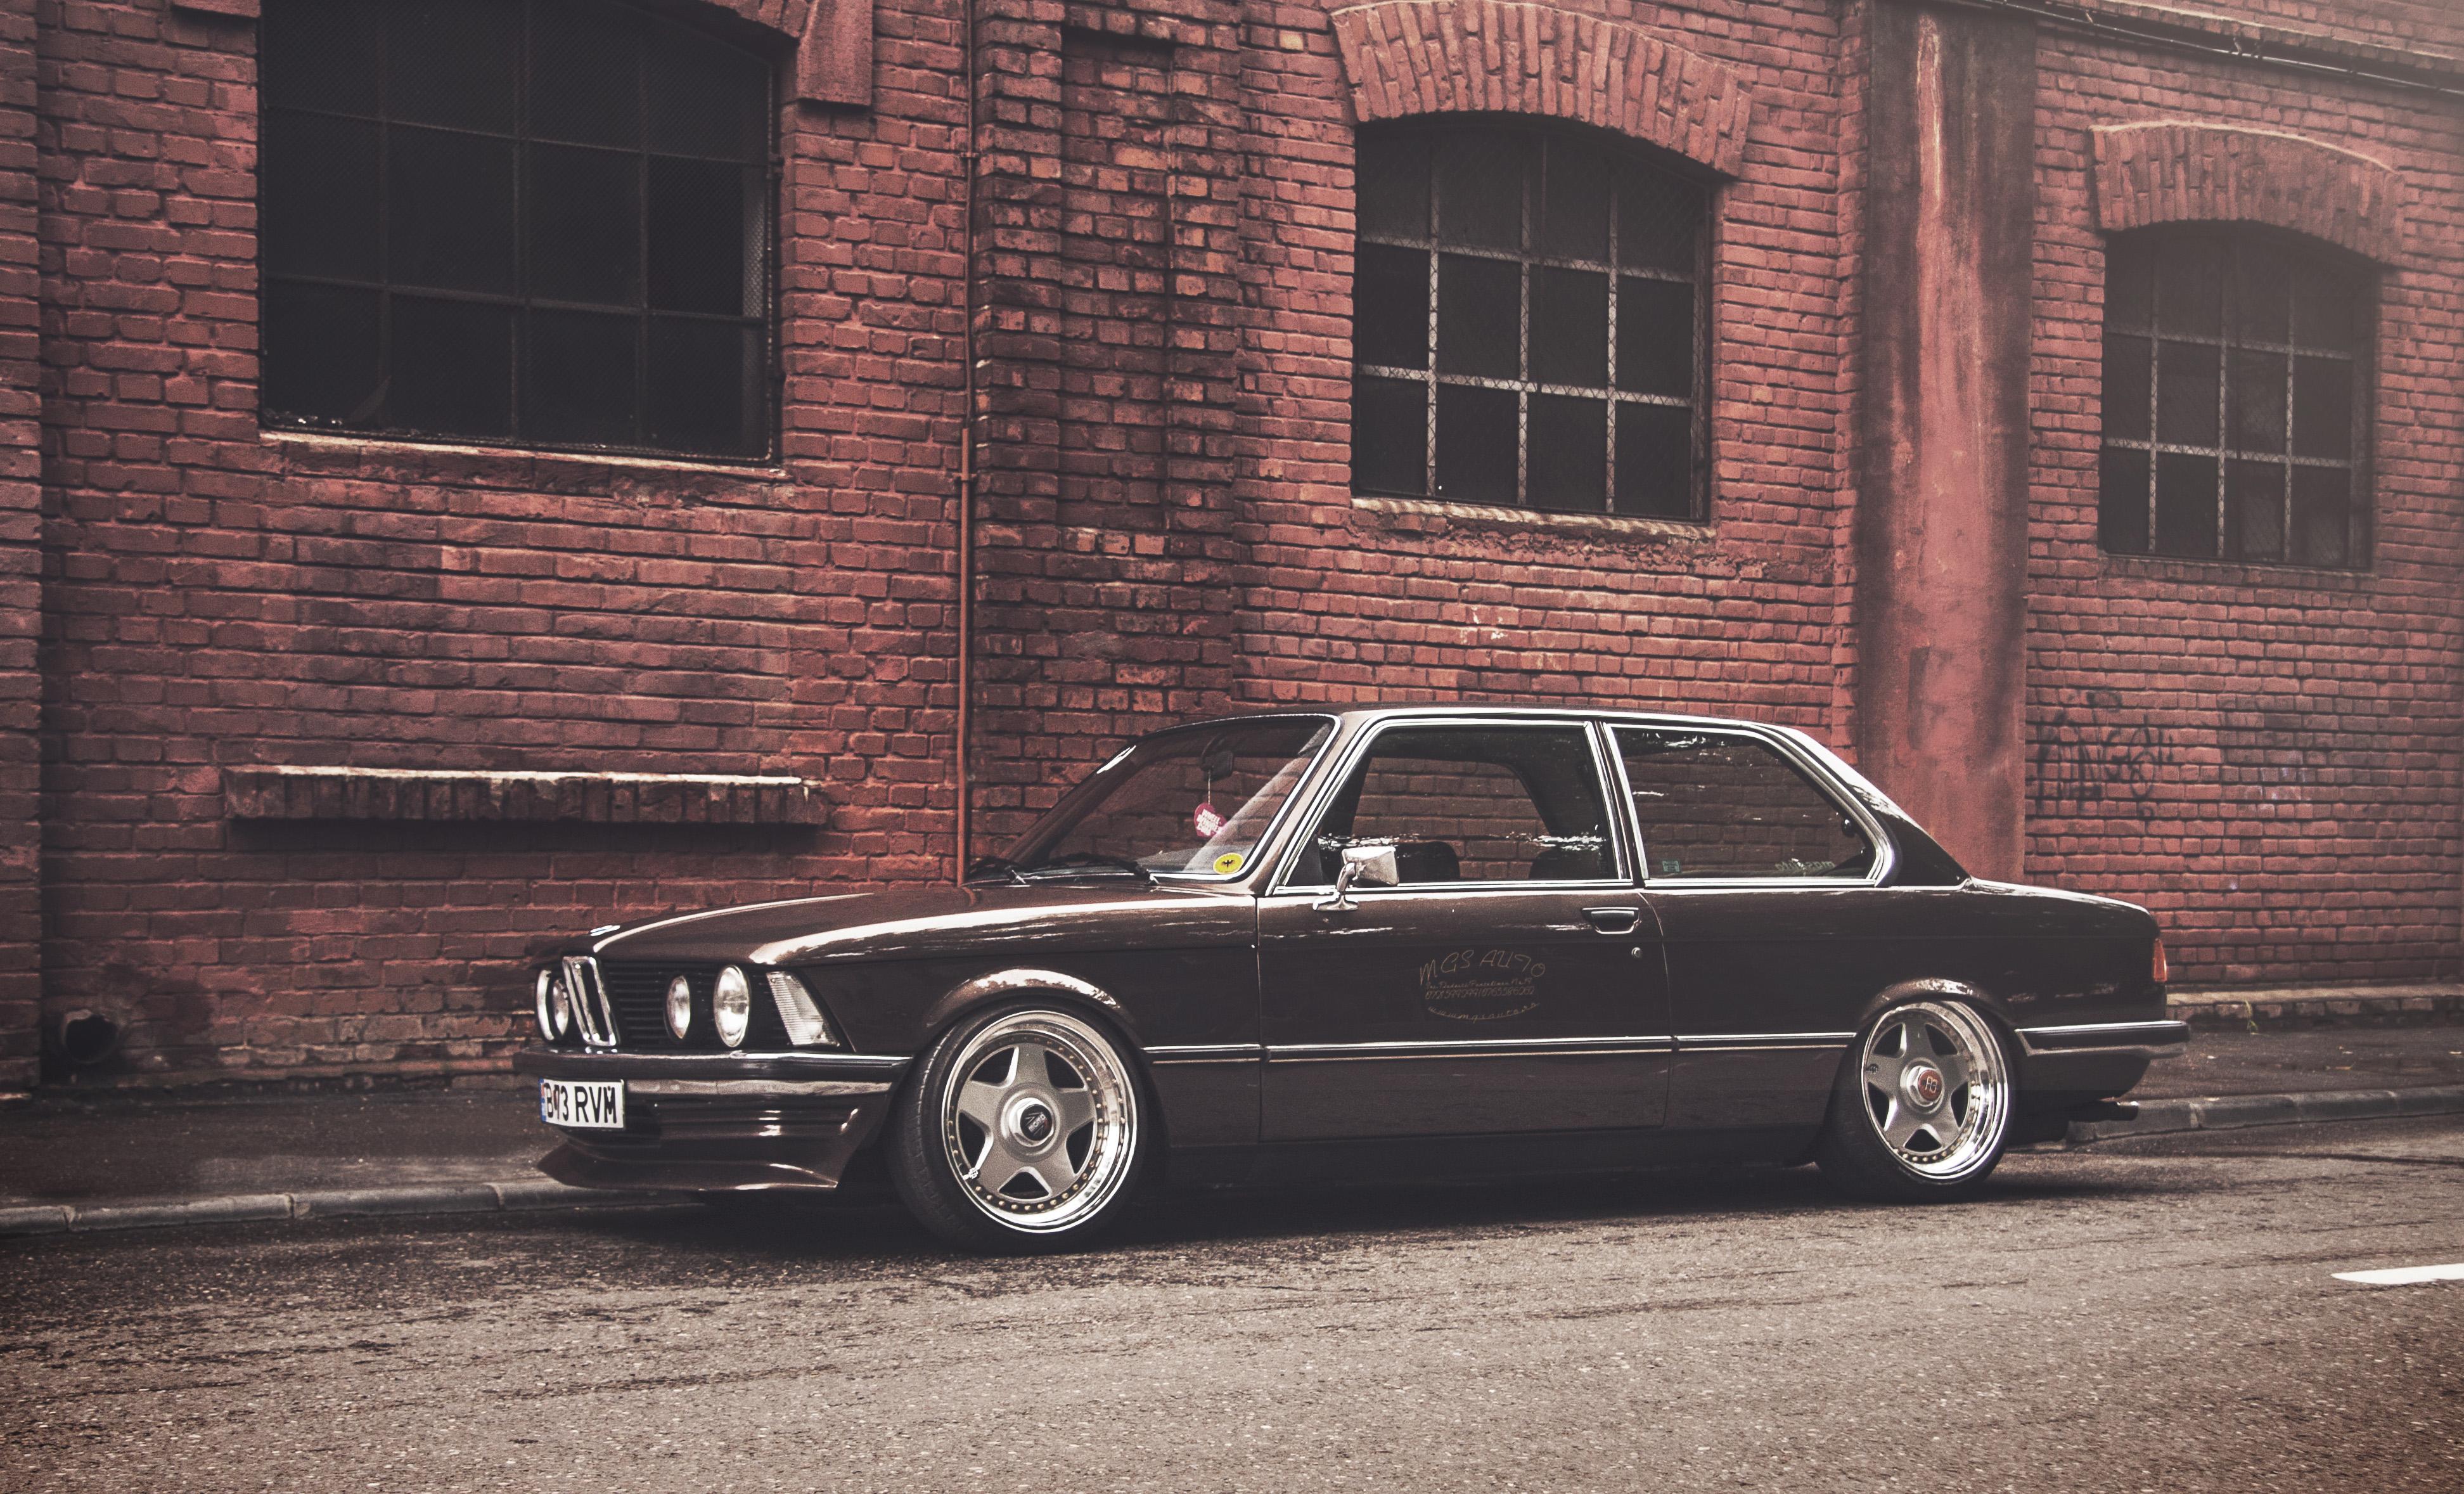 Fonds d'ecran BMW E21 Noir Brique Mur Voitures télécharger ...